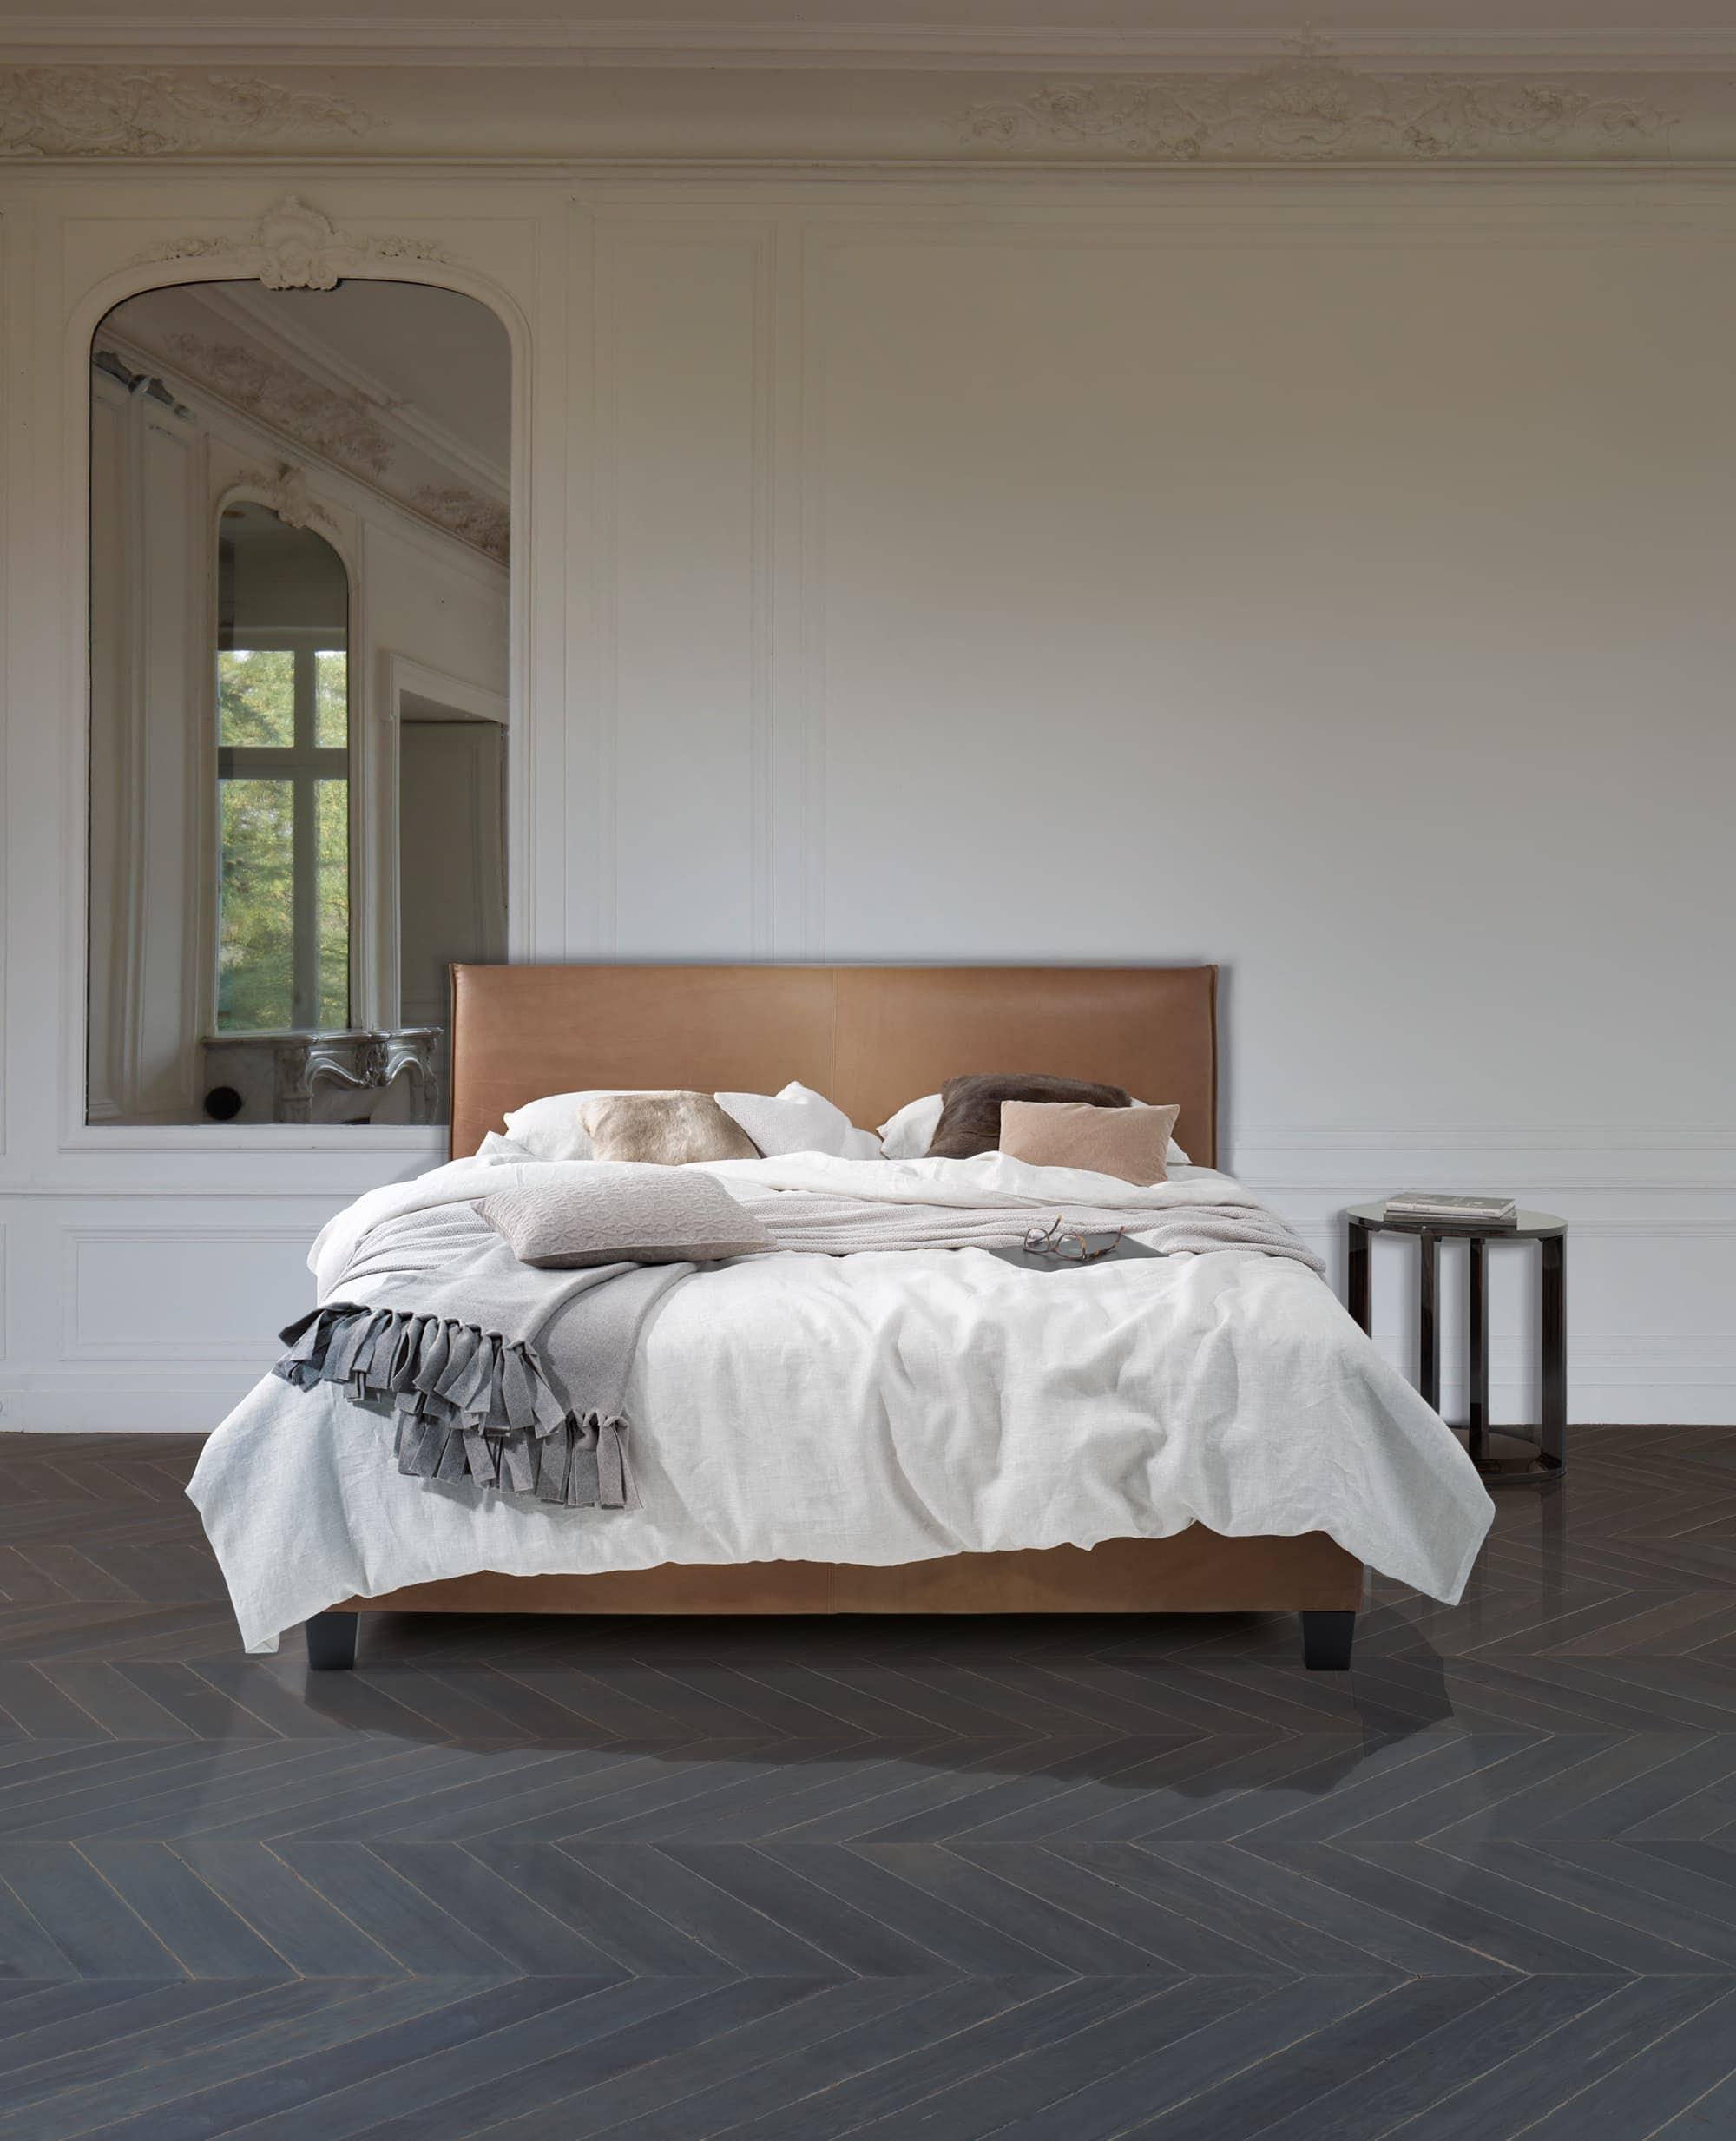 Auf dem Bild ist ein Leder Boxspring Bett aus dem Sortiment von Bischoff Betten abgebildet